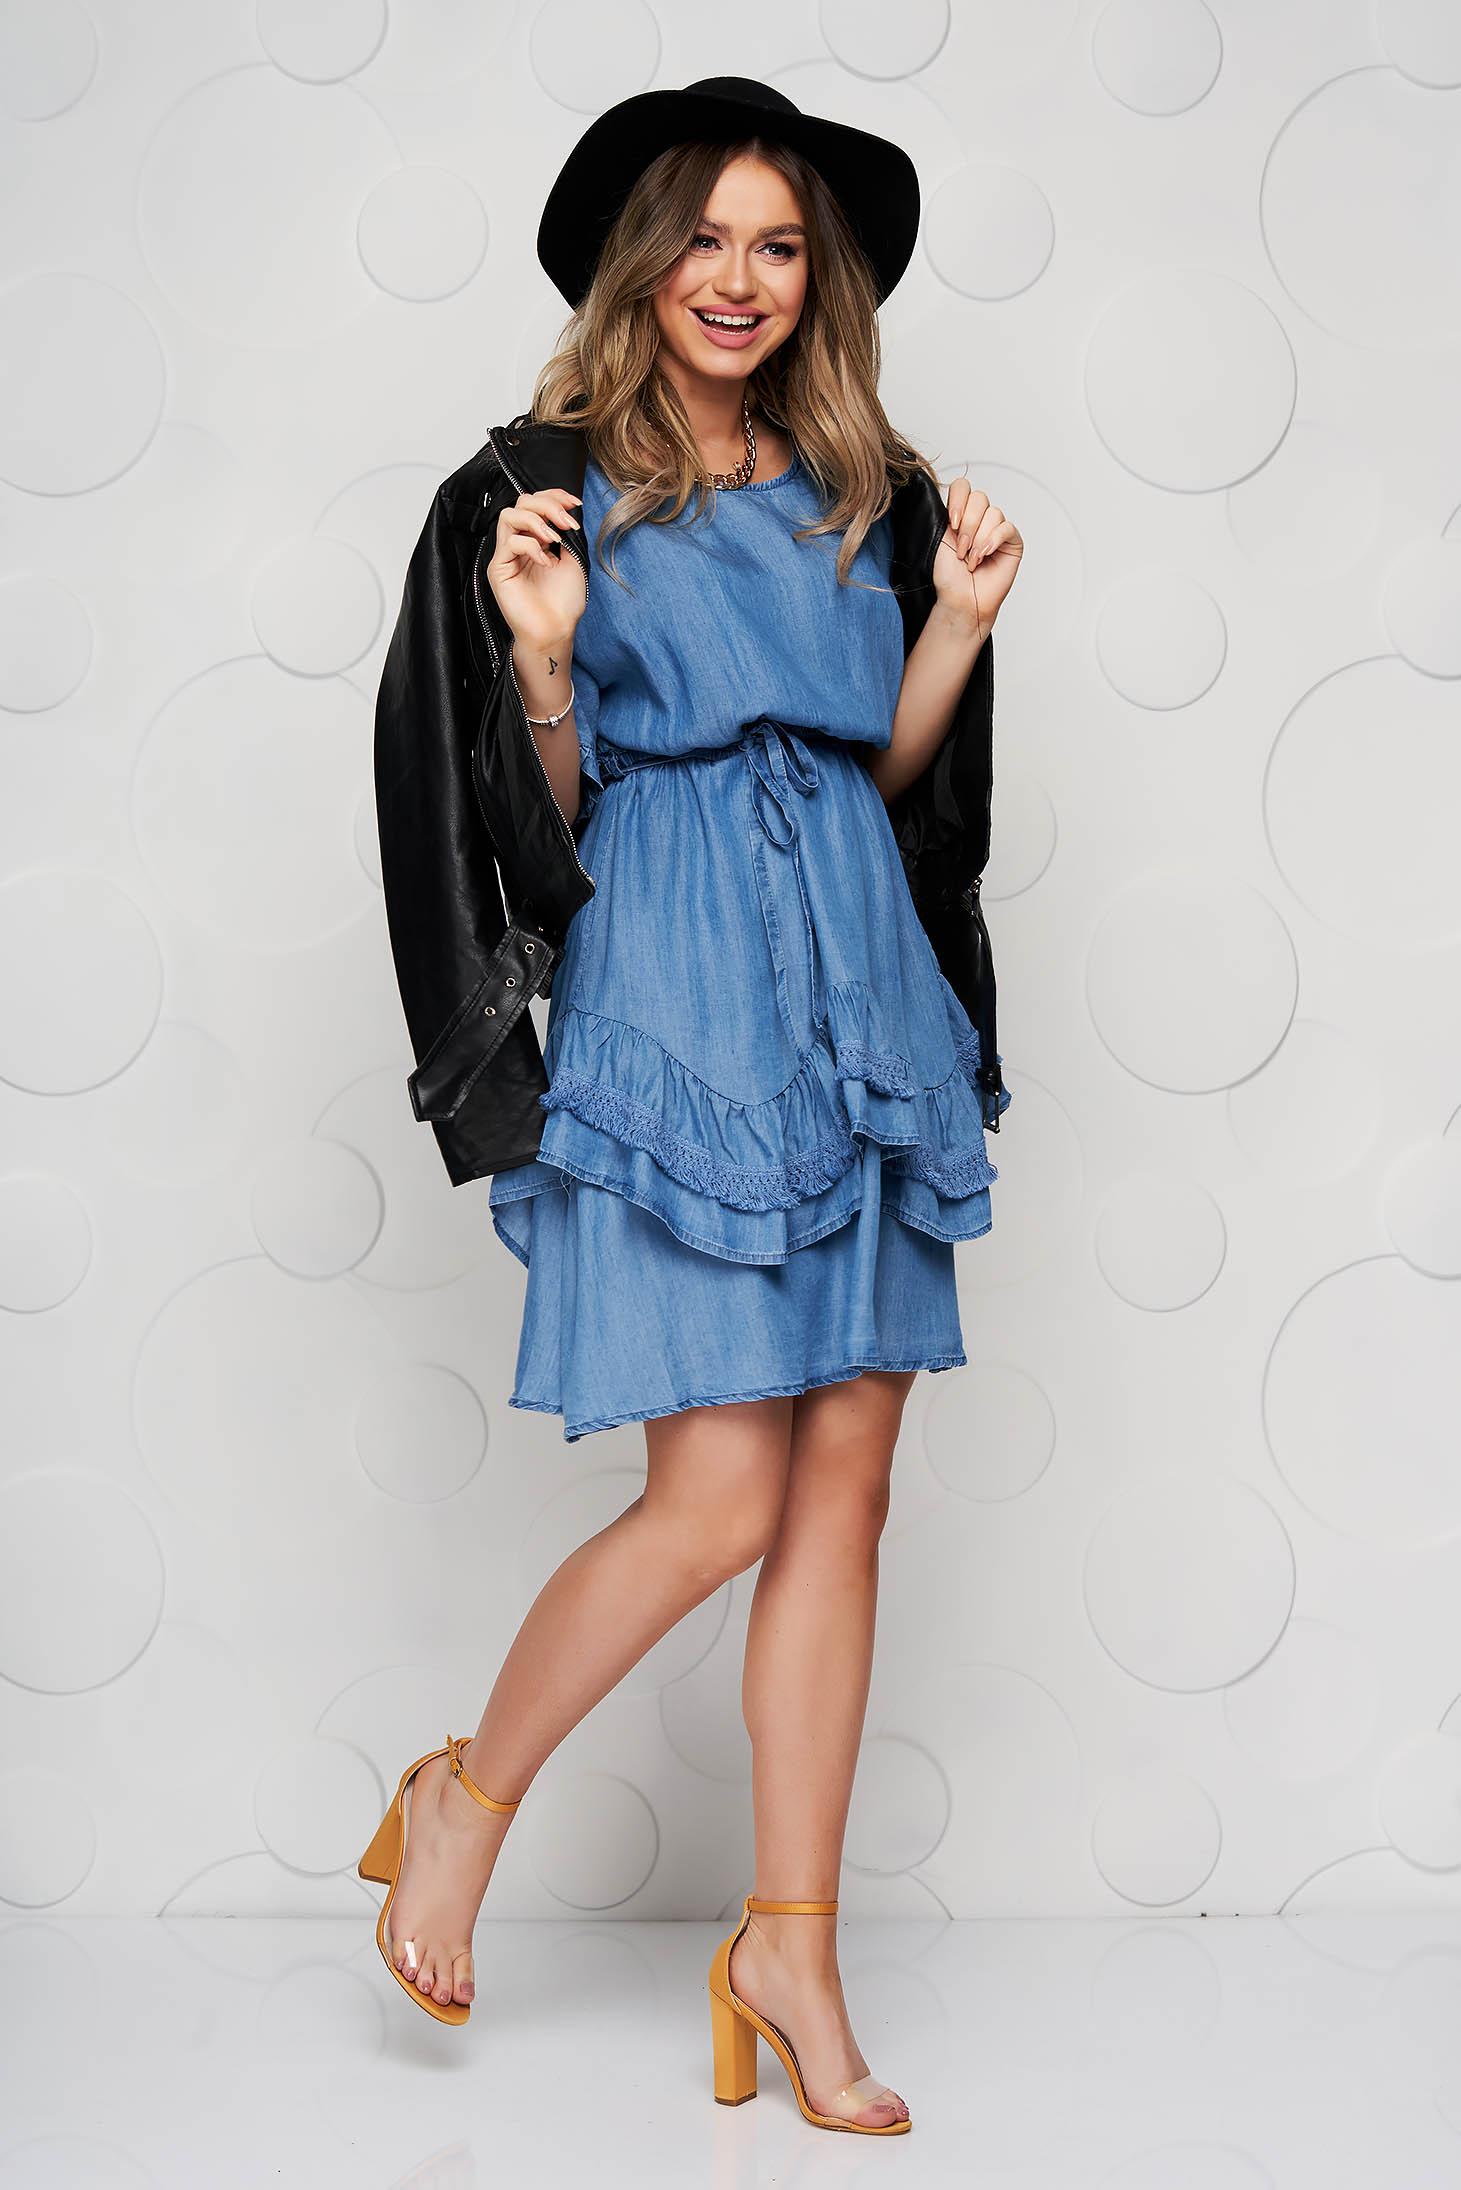 Blue dress short cut denim with ruffle details